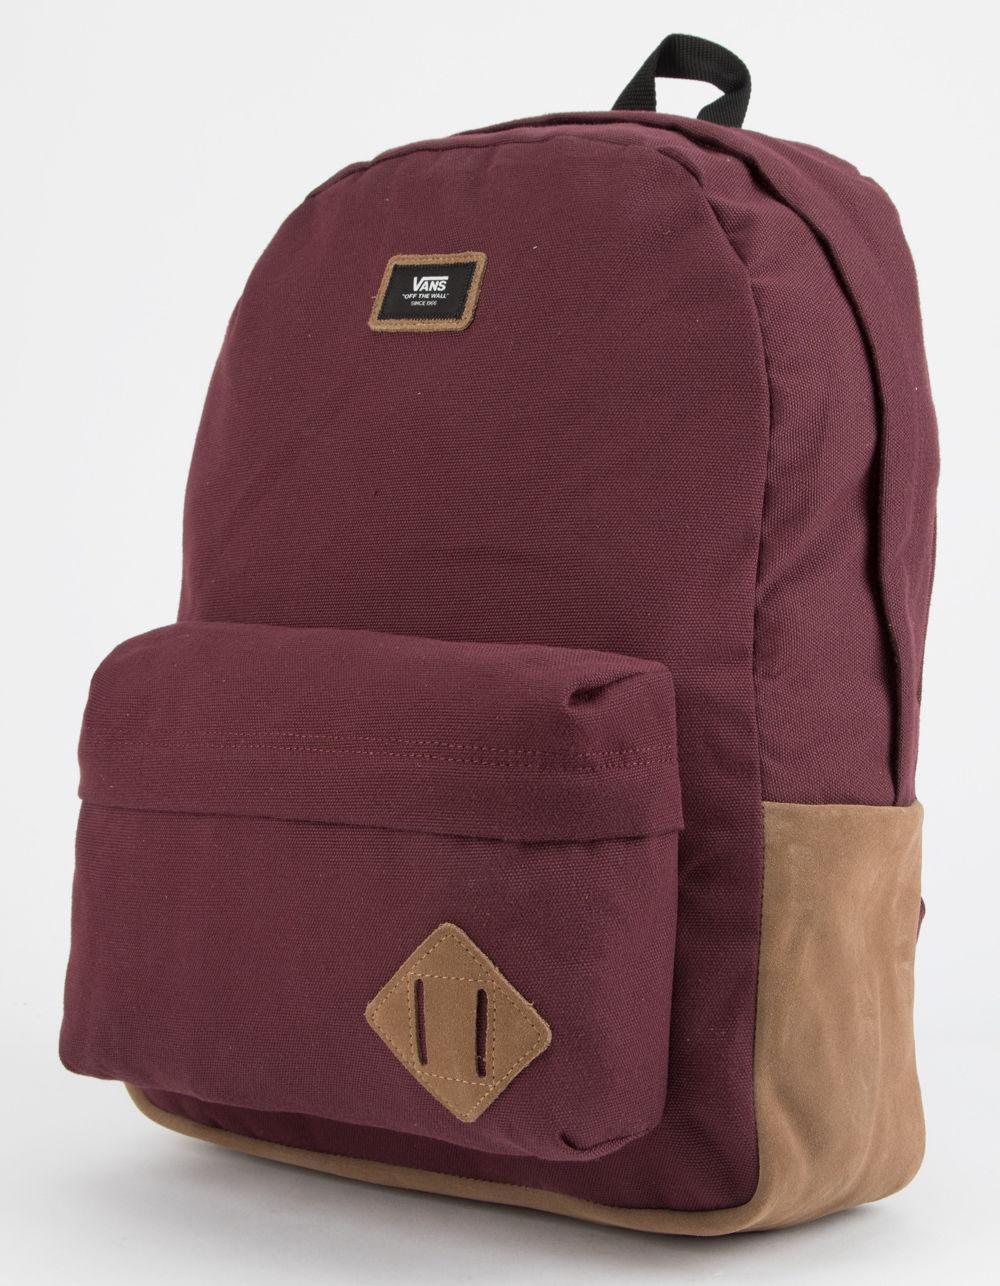 Lyst - Vans Old Skool Ii Burgundy Backpack in Purple